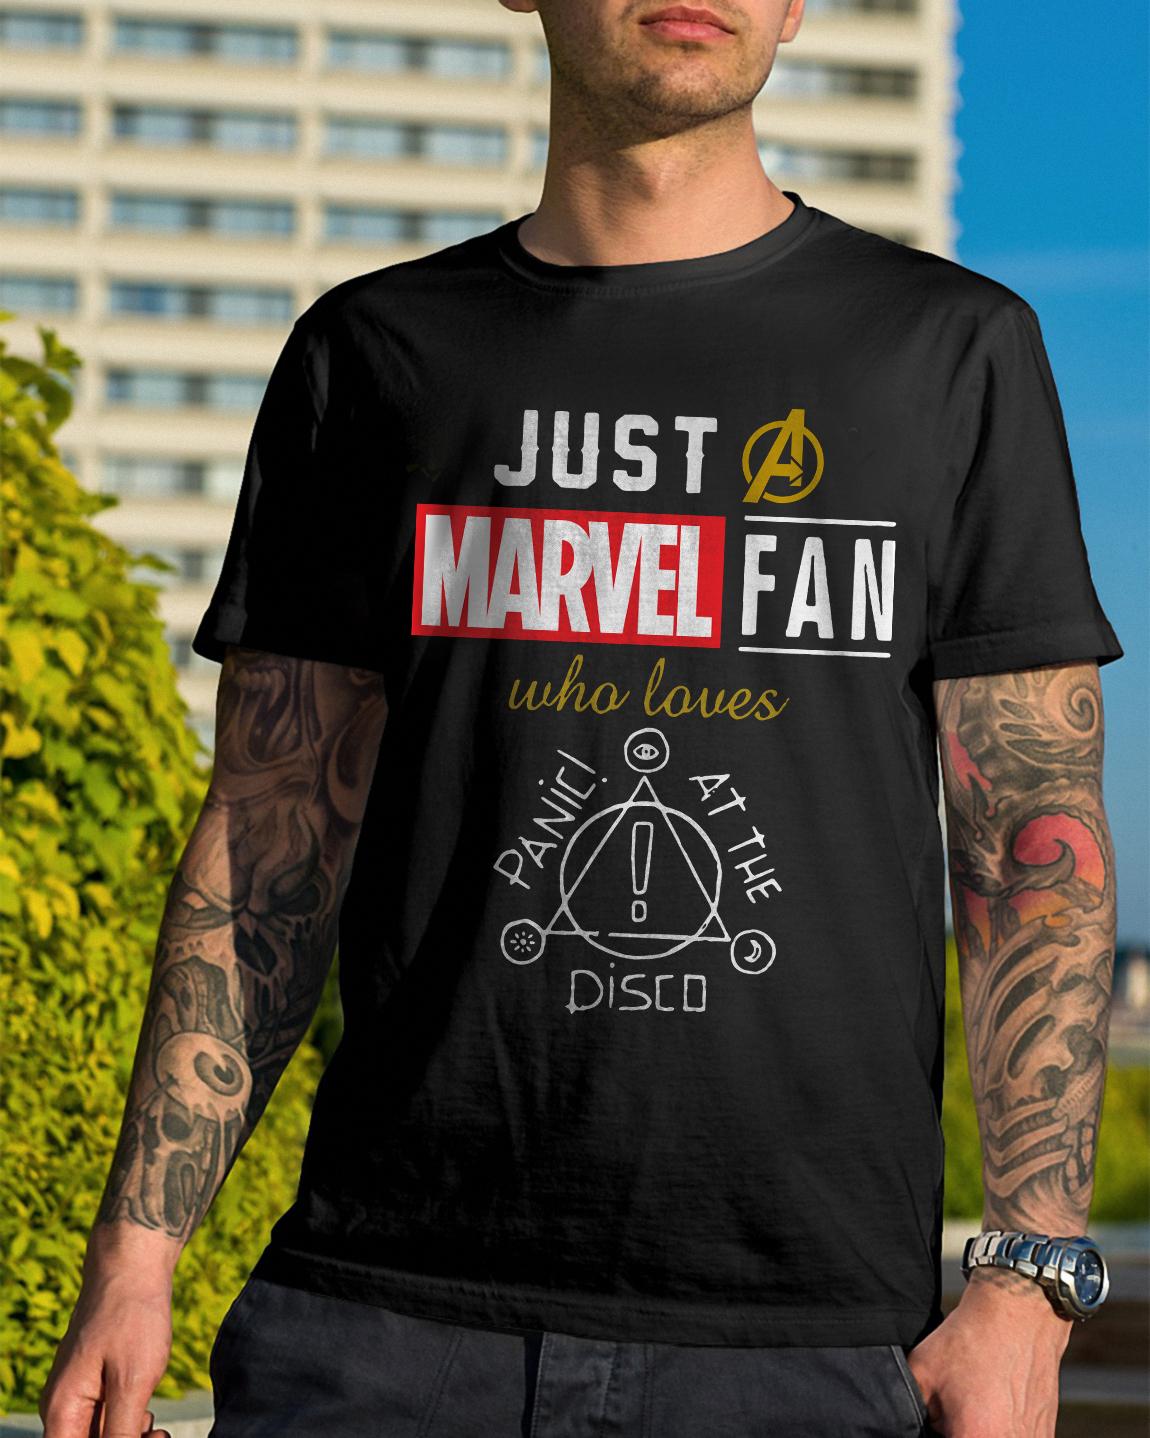 Just Marvel Fan Loves Panic Disco Shirt